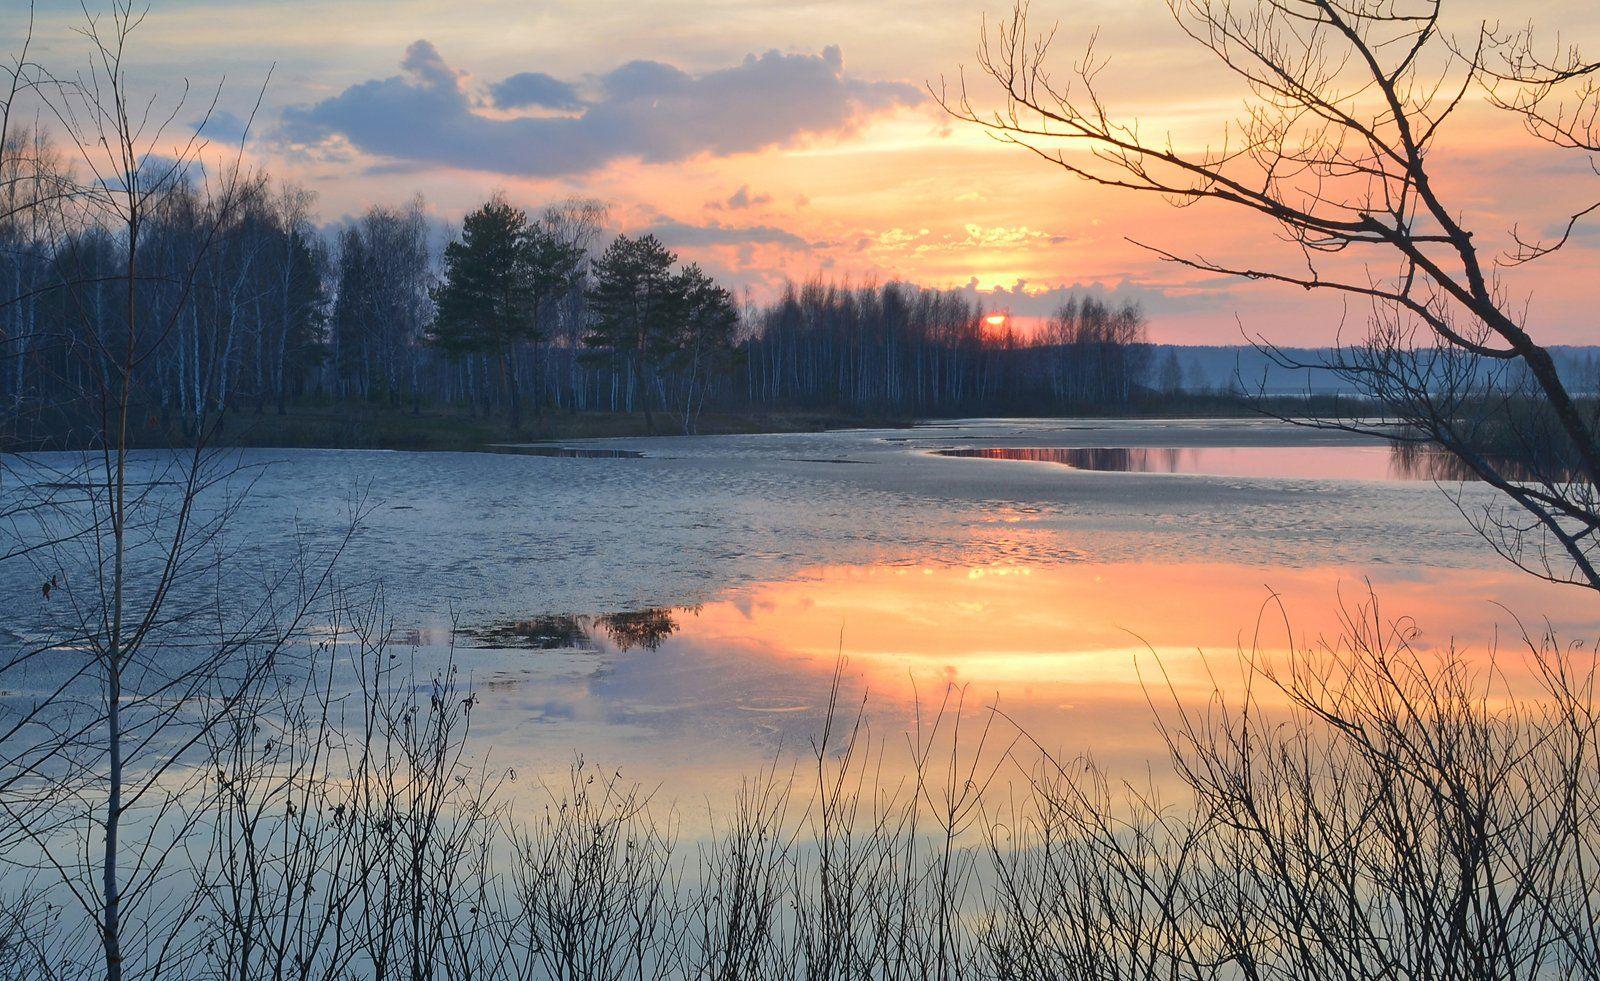 весна, апрель, вечер, дымка, тишина, закат, небо, озеро, лёд, пейзаж, природа, Irina Shapronova